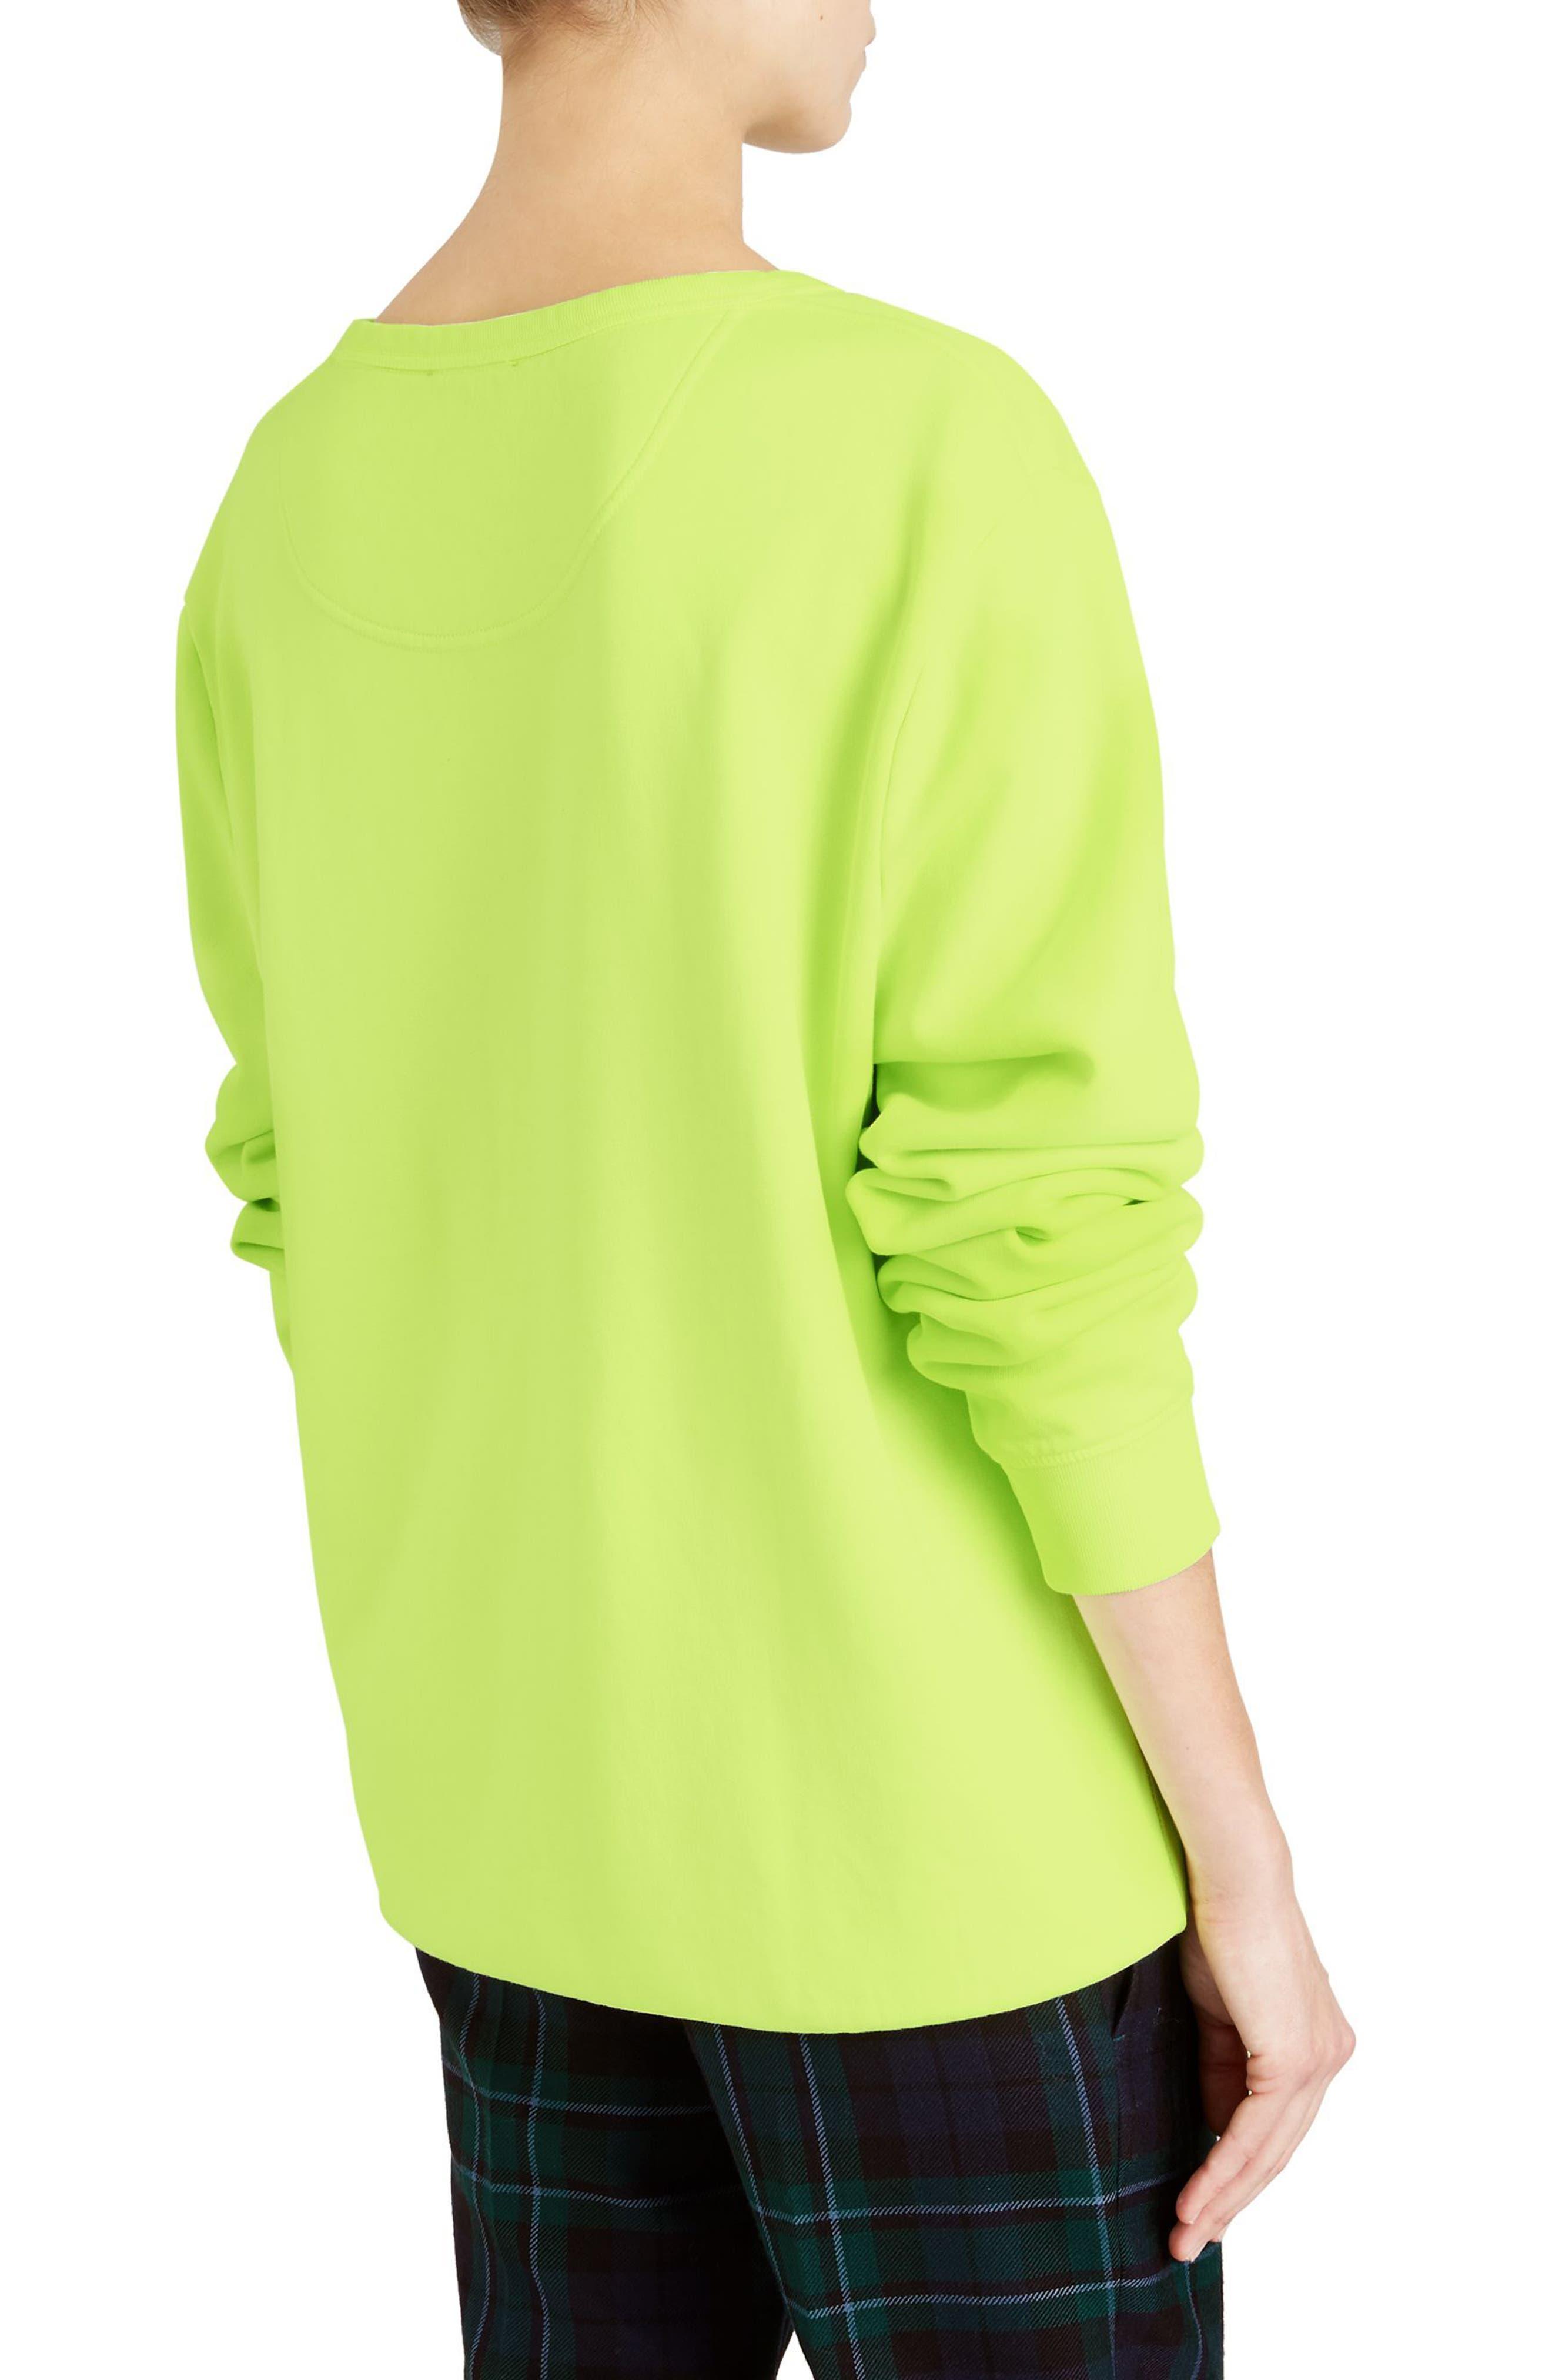 Sauer Doodle Print Cotton Sweatshirt,                             Alternate thumbnail 2, color,                             Fluorescent Yellow